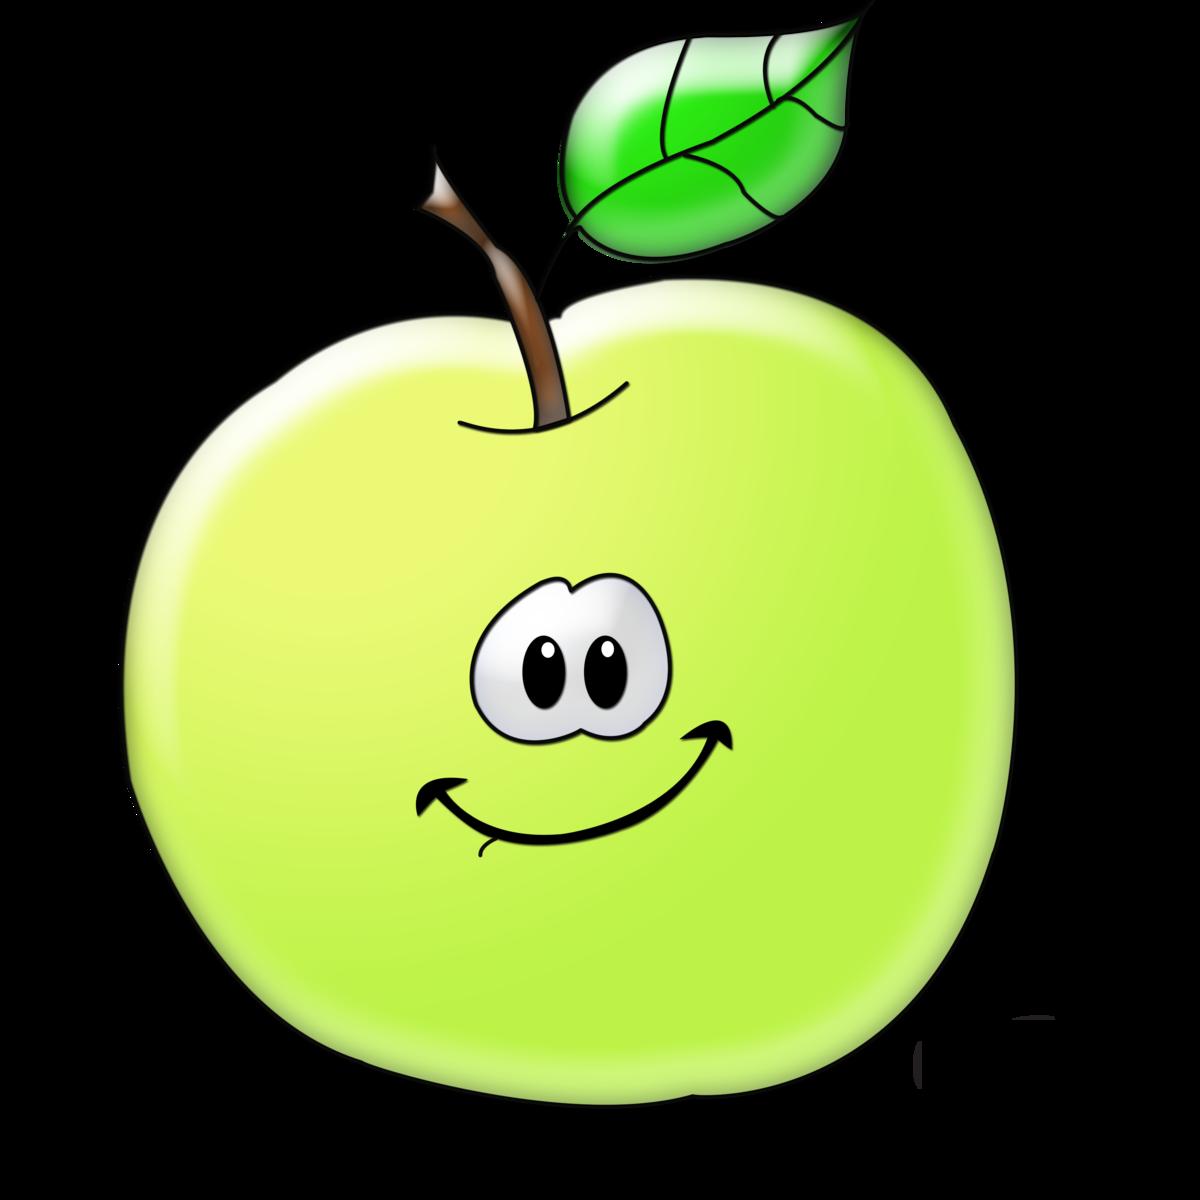 Сделать, картинка прикольное яблоко